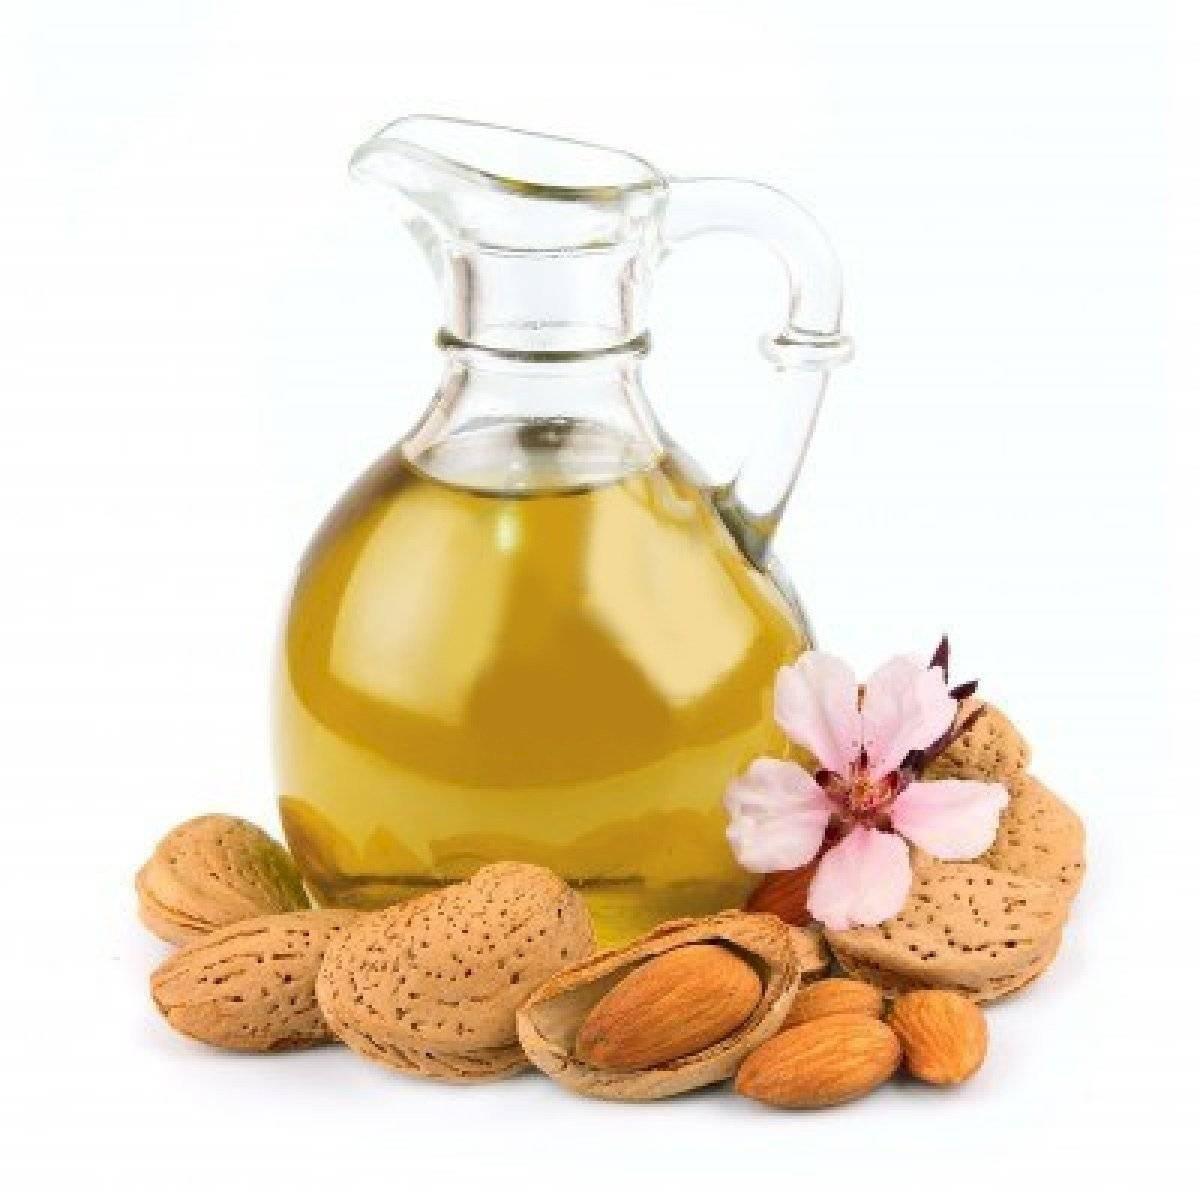 El aceite de almendras colocado en la zona afectada hará que las manchas se aclaren con rapidez